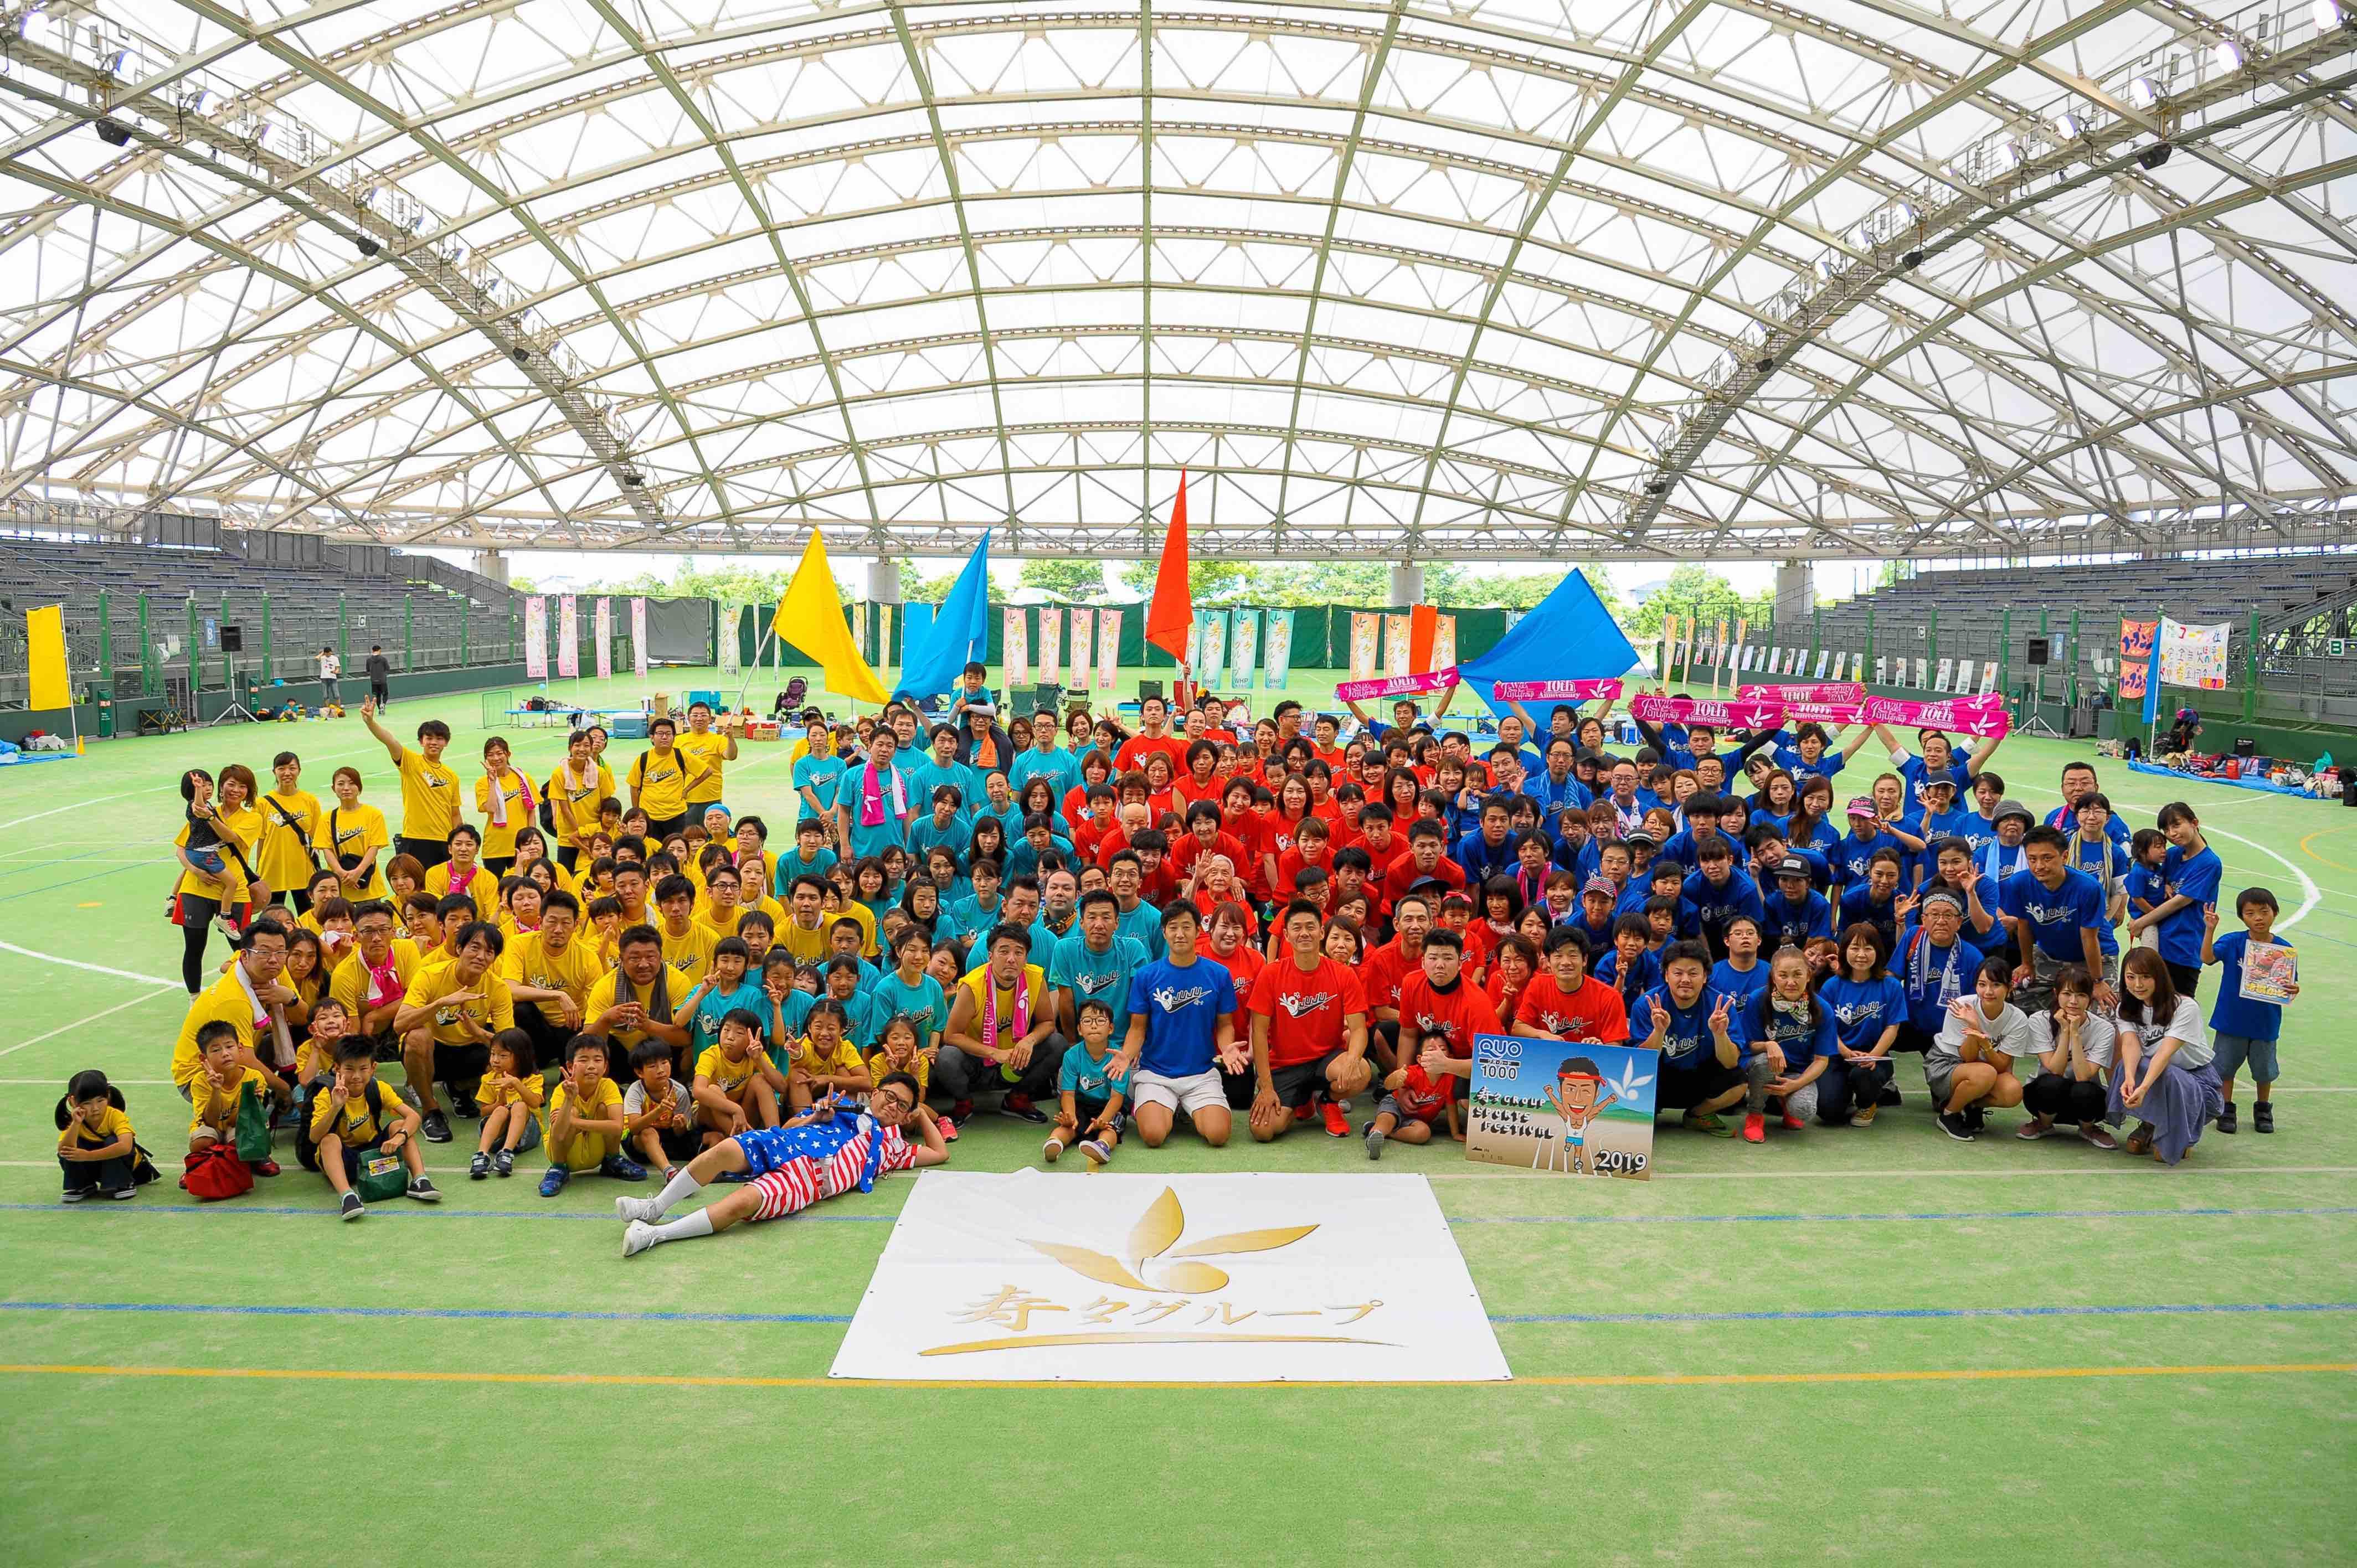 20190707スポーツフェスティバル集合写真1